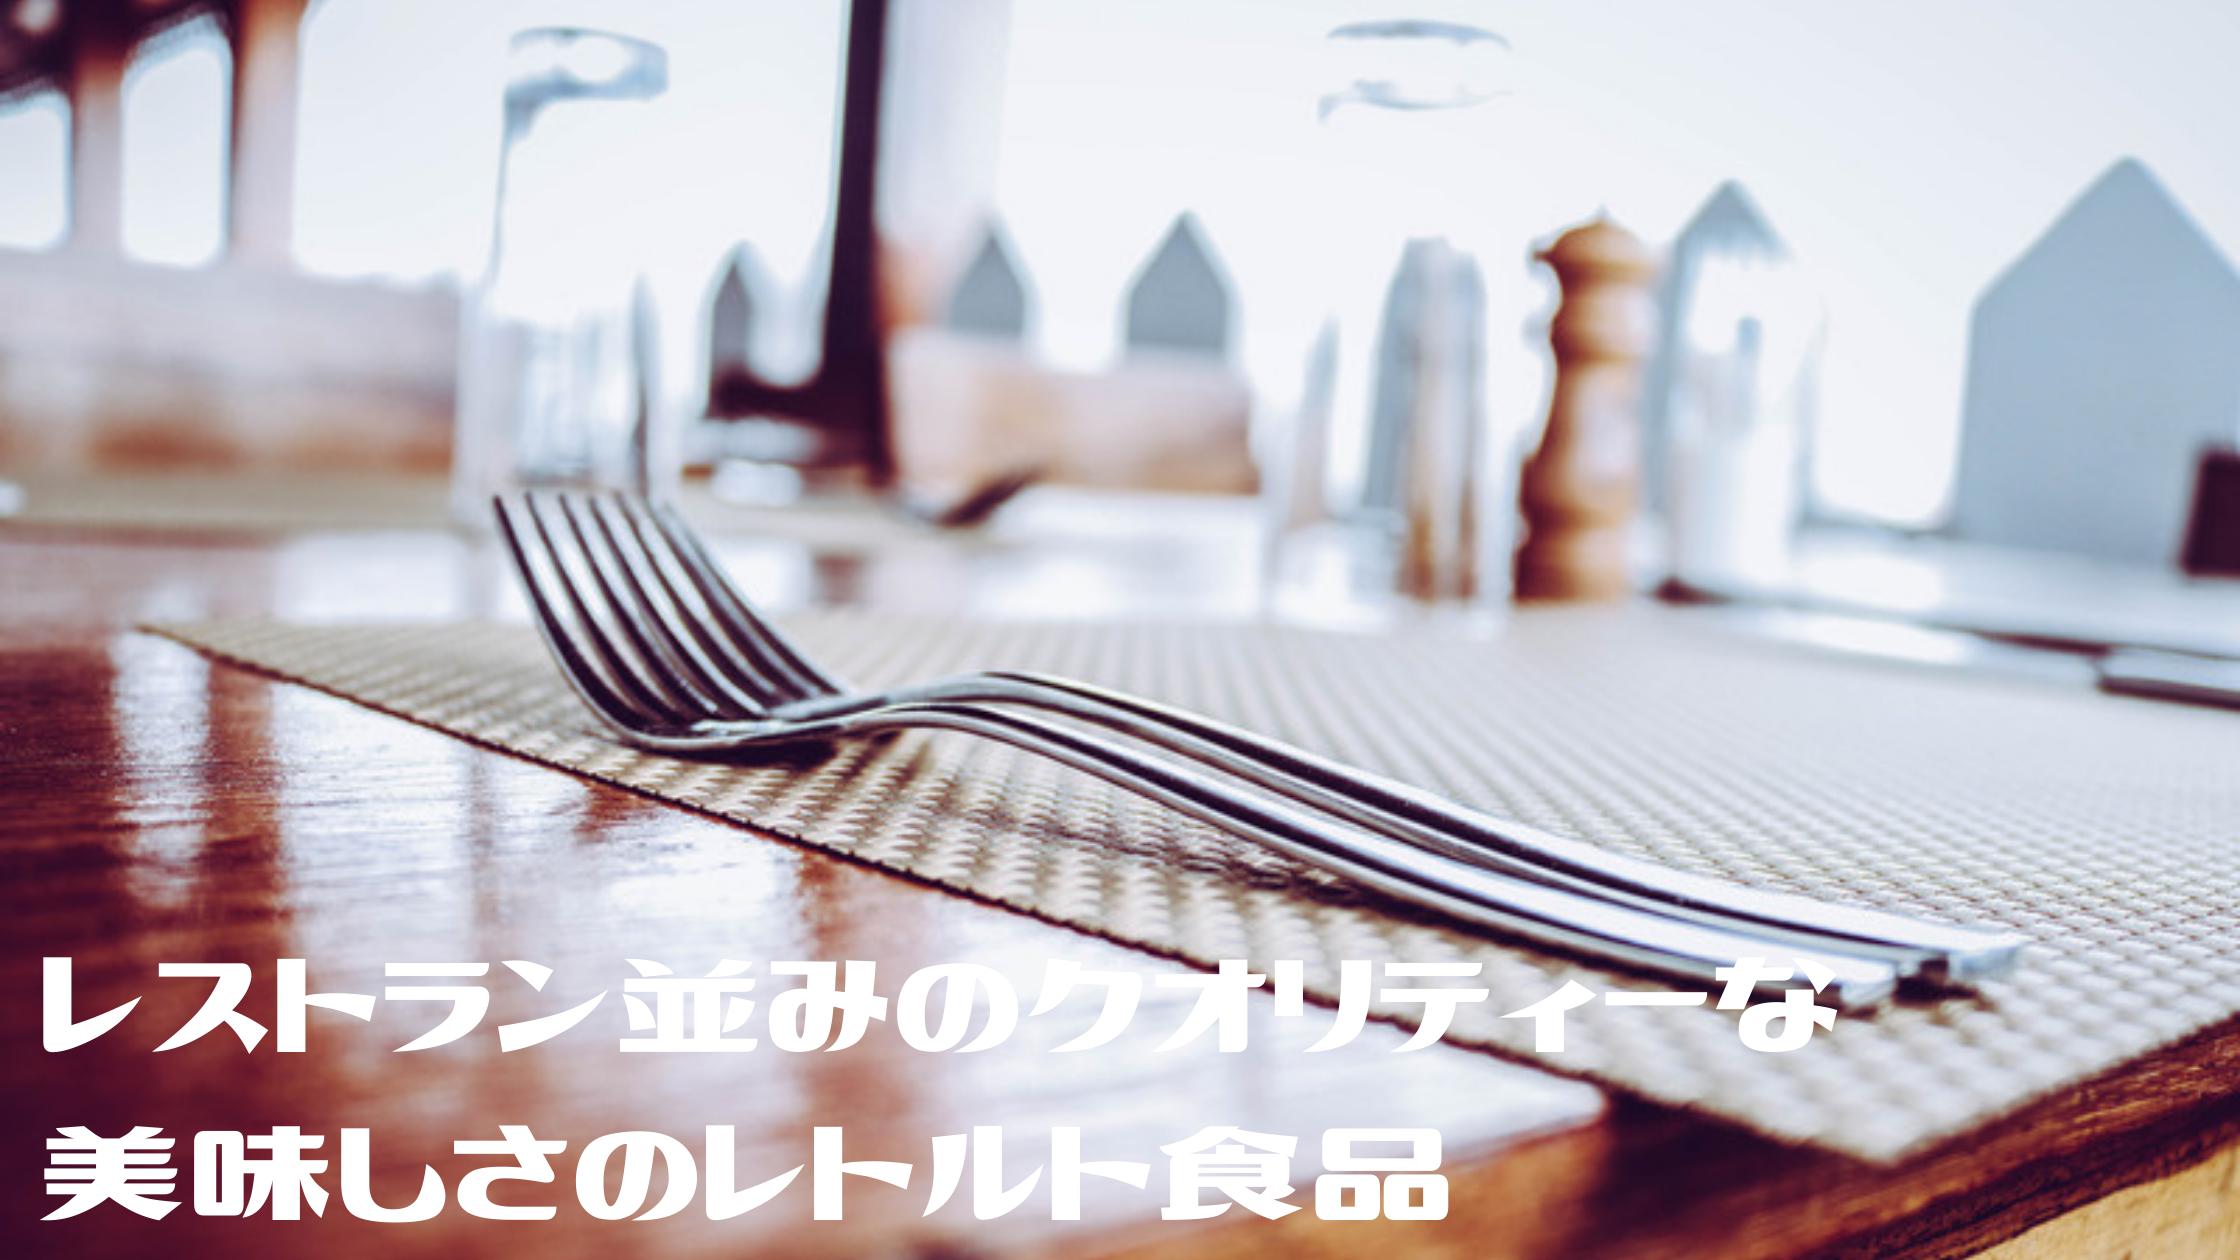 【成城石井】お手ごろ価格で高品質なレトルトを超える【レトルト食品】